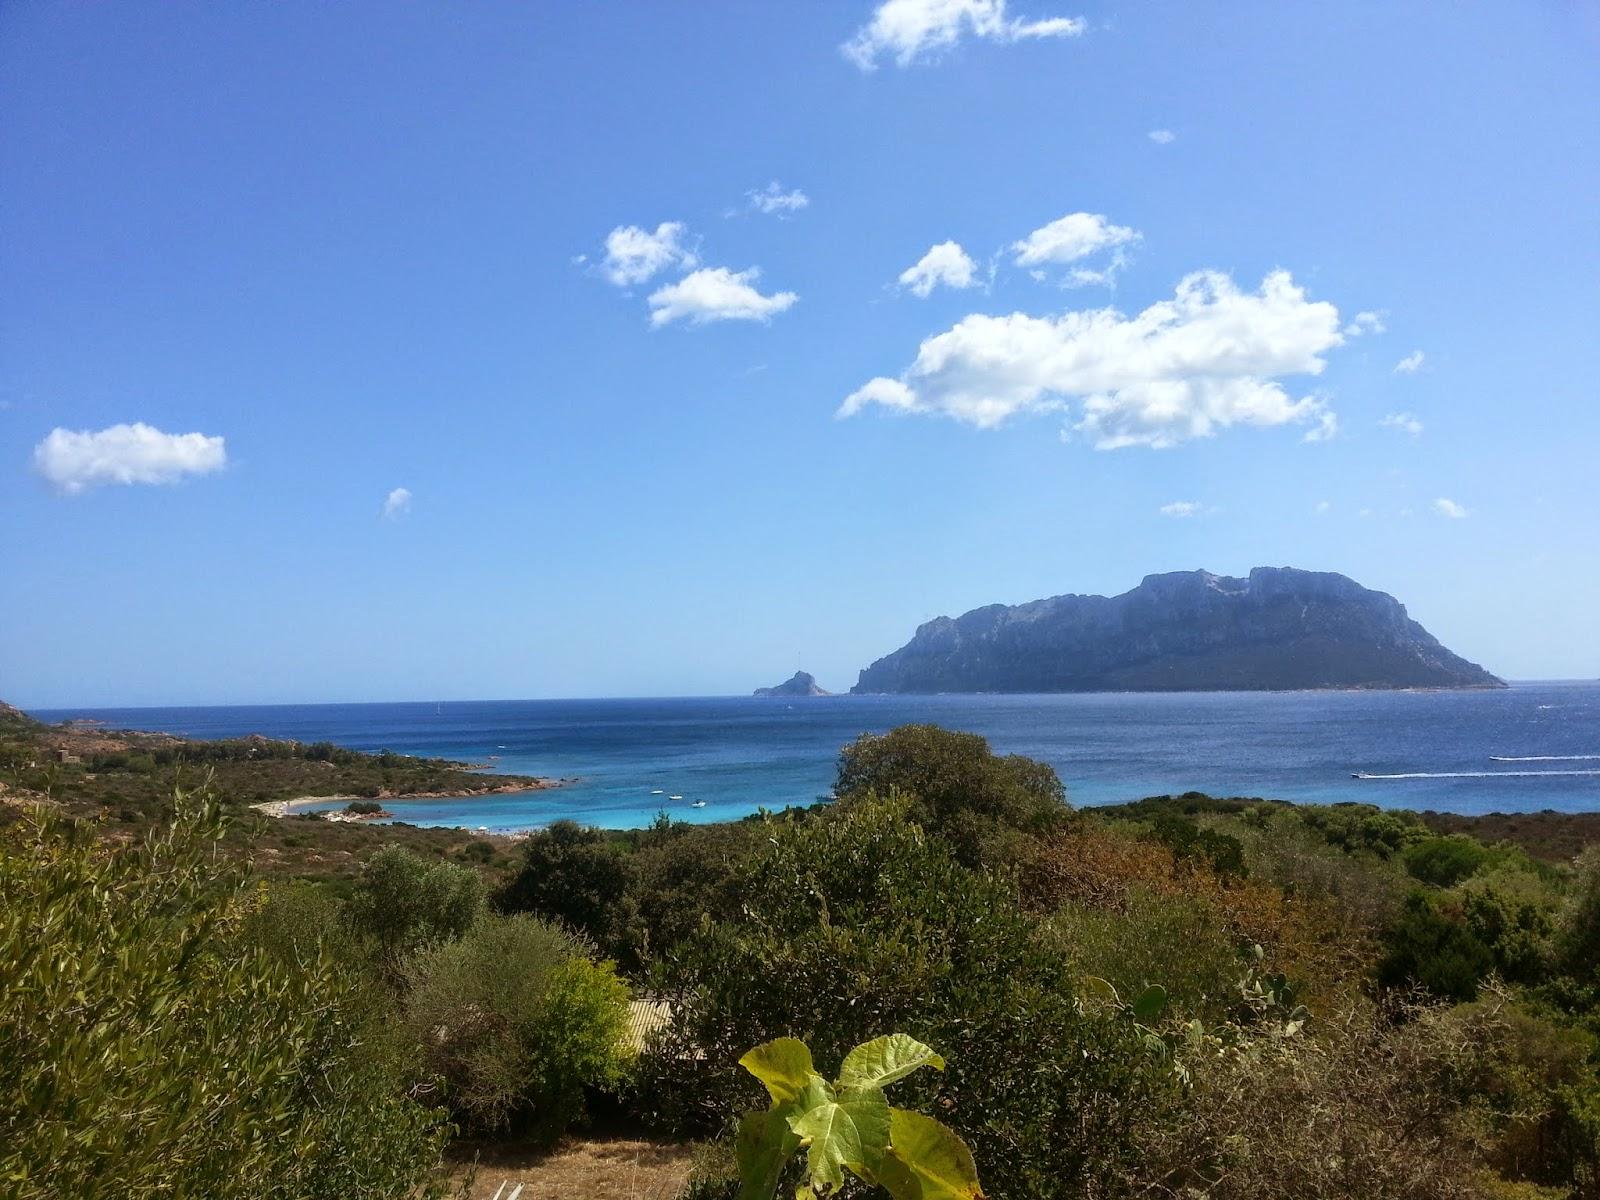 Vista sull'isola di Tavolara da Porto Istana